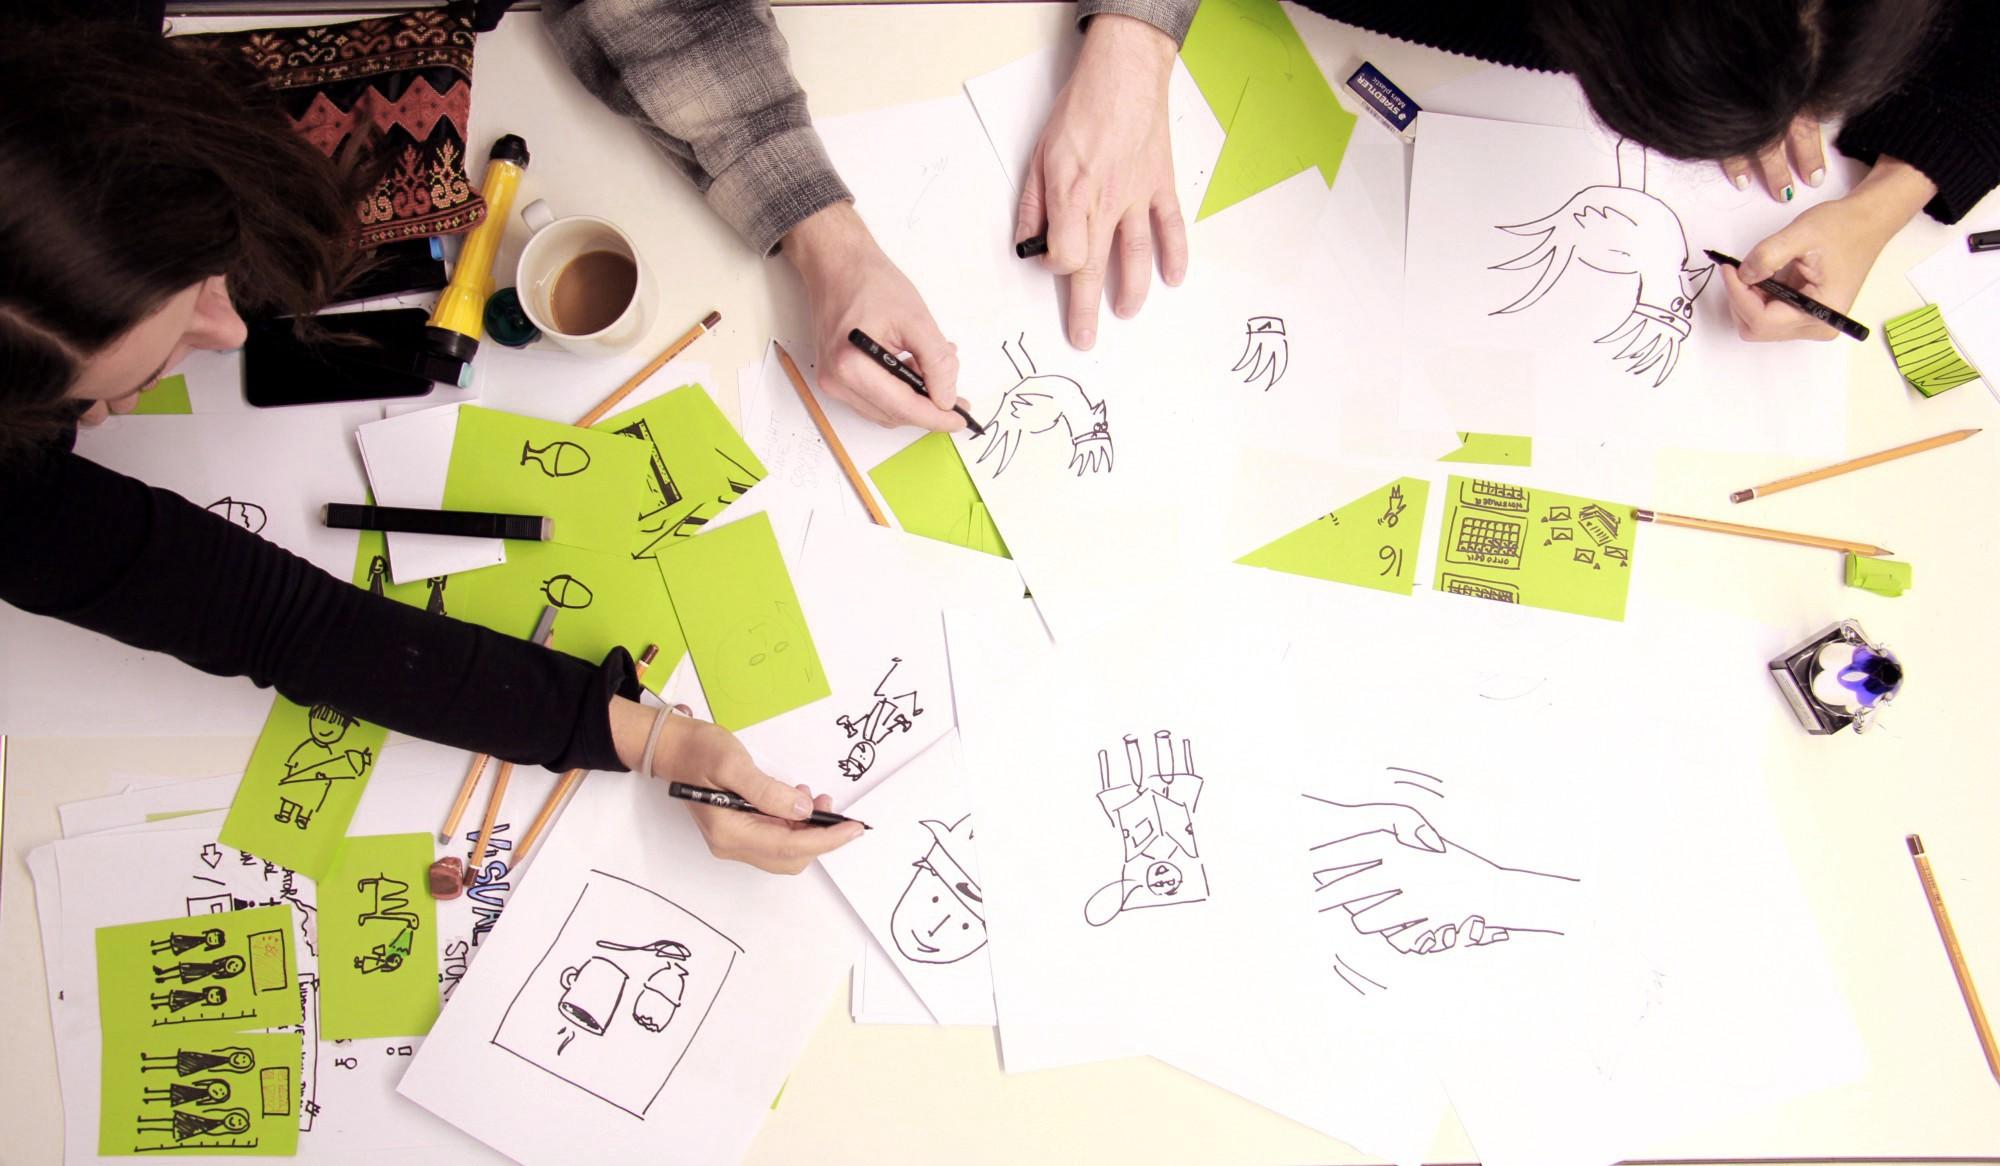 проектирование среды обучения